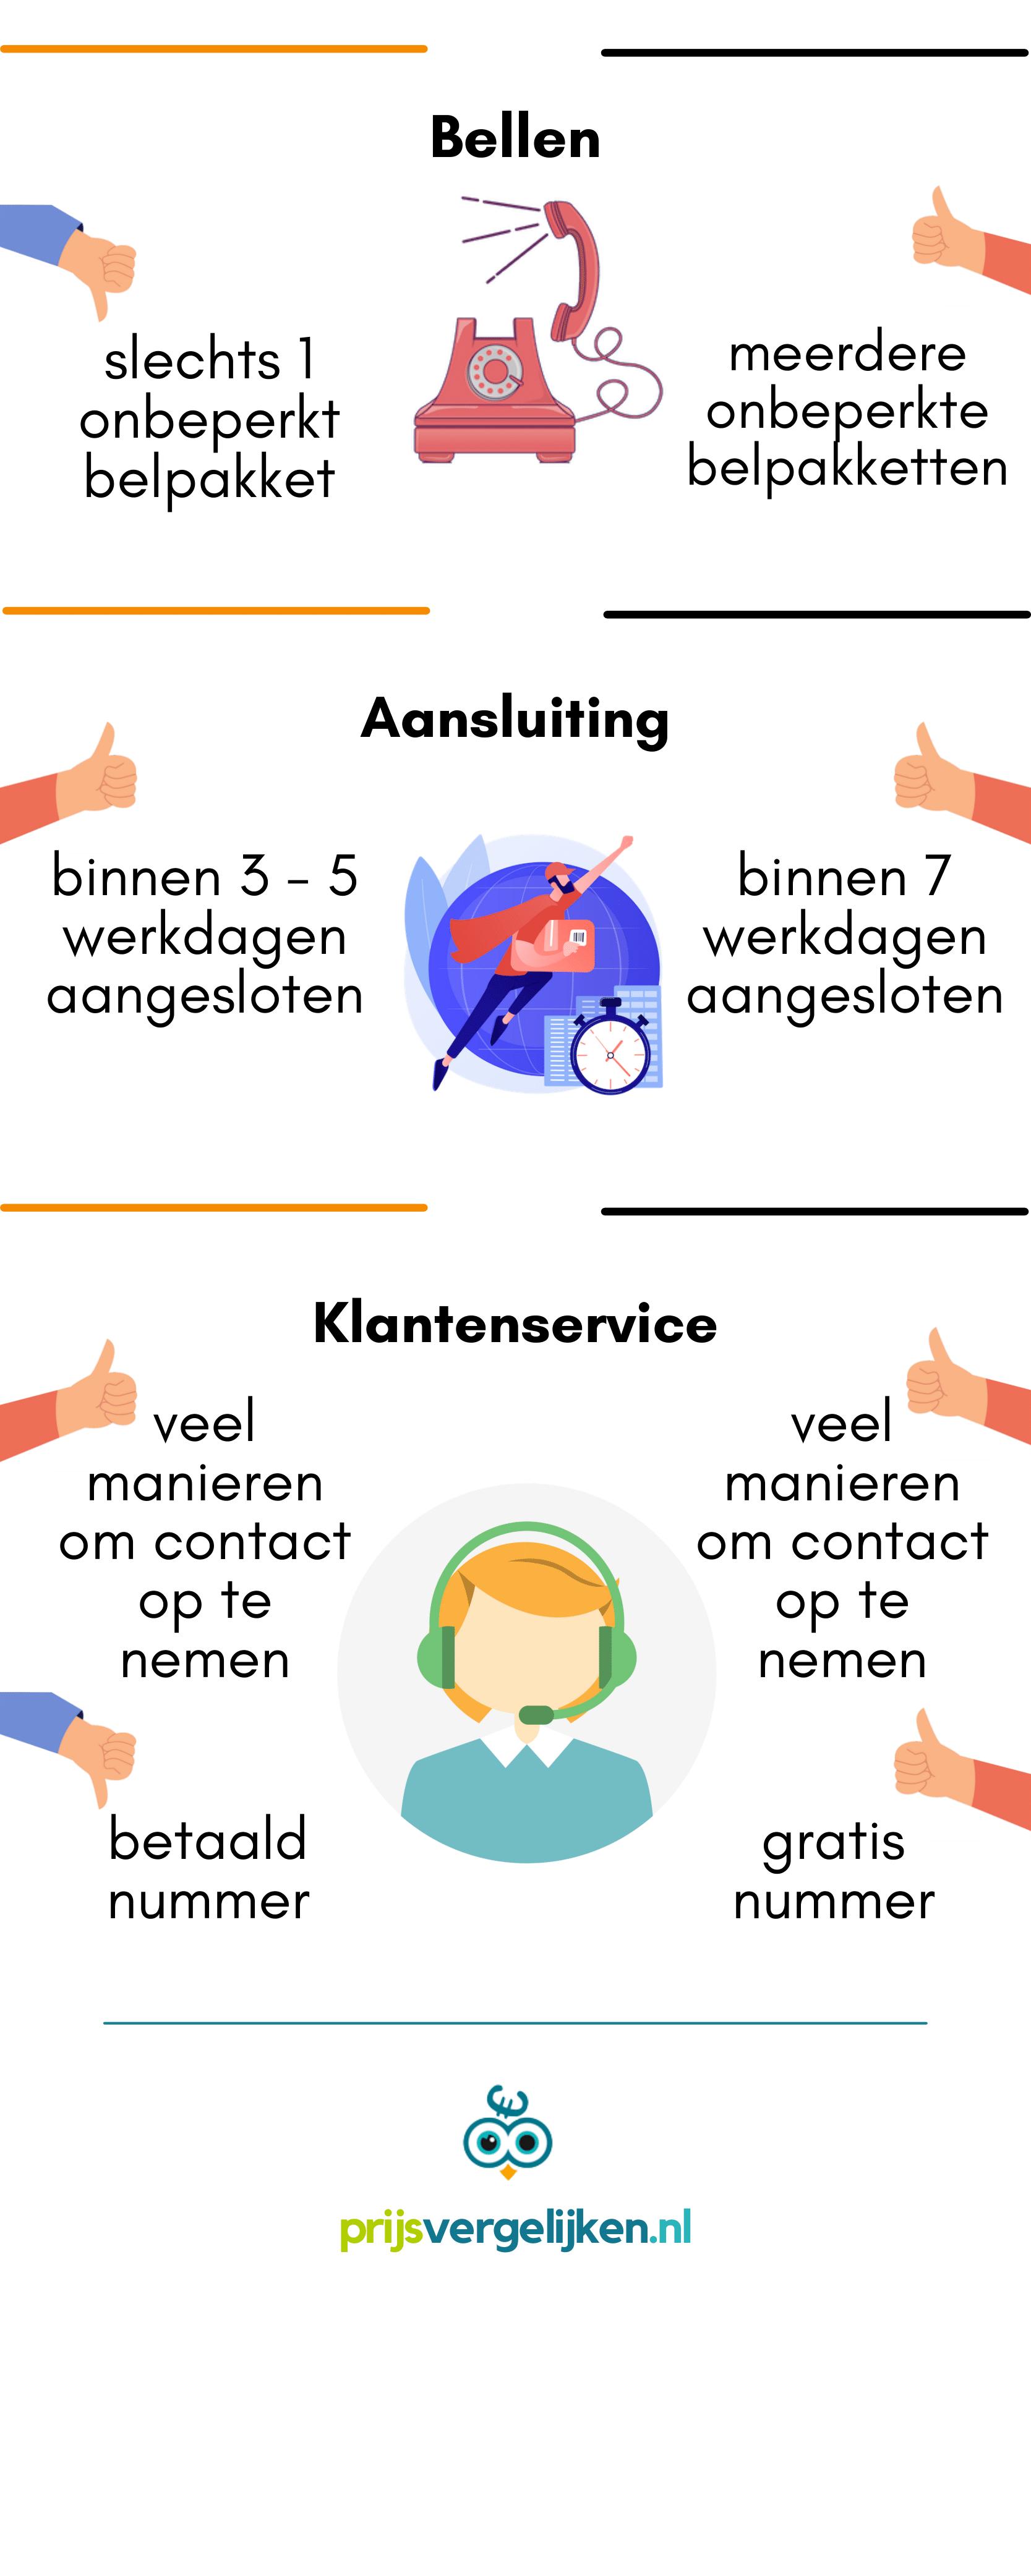 ziggo vs kpn infographic2